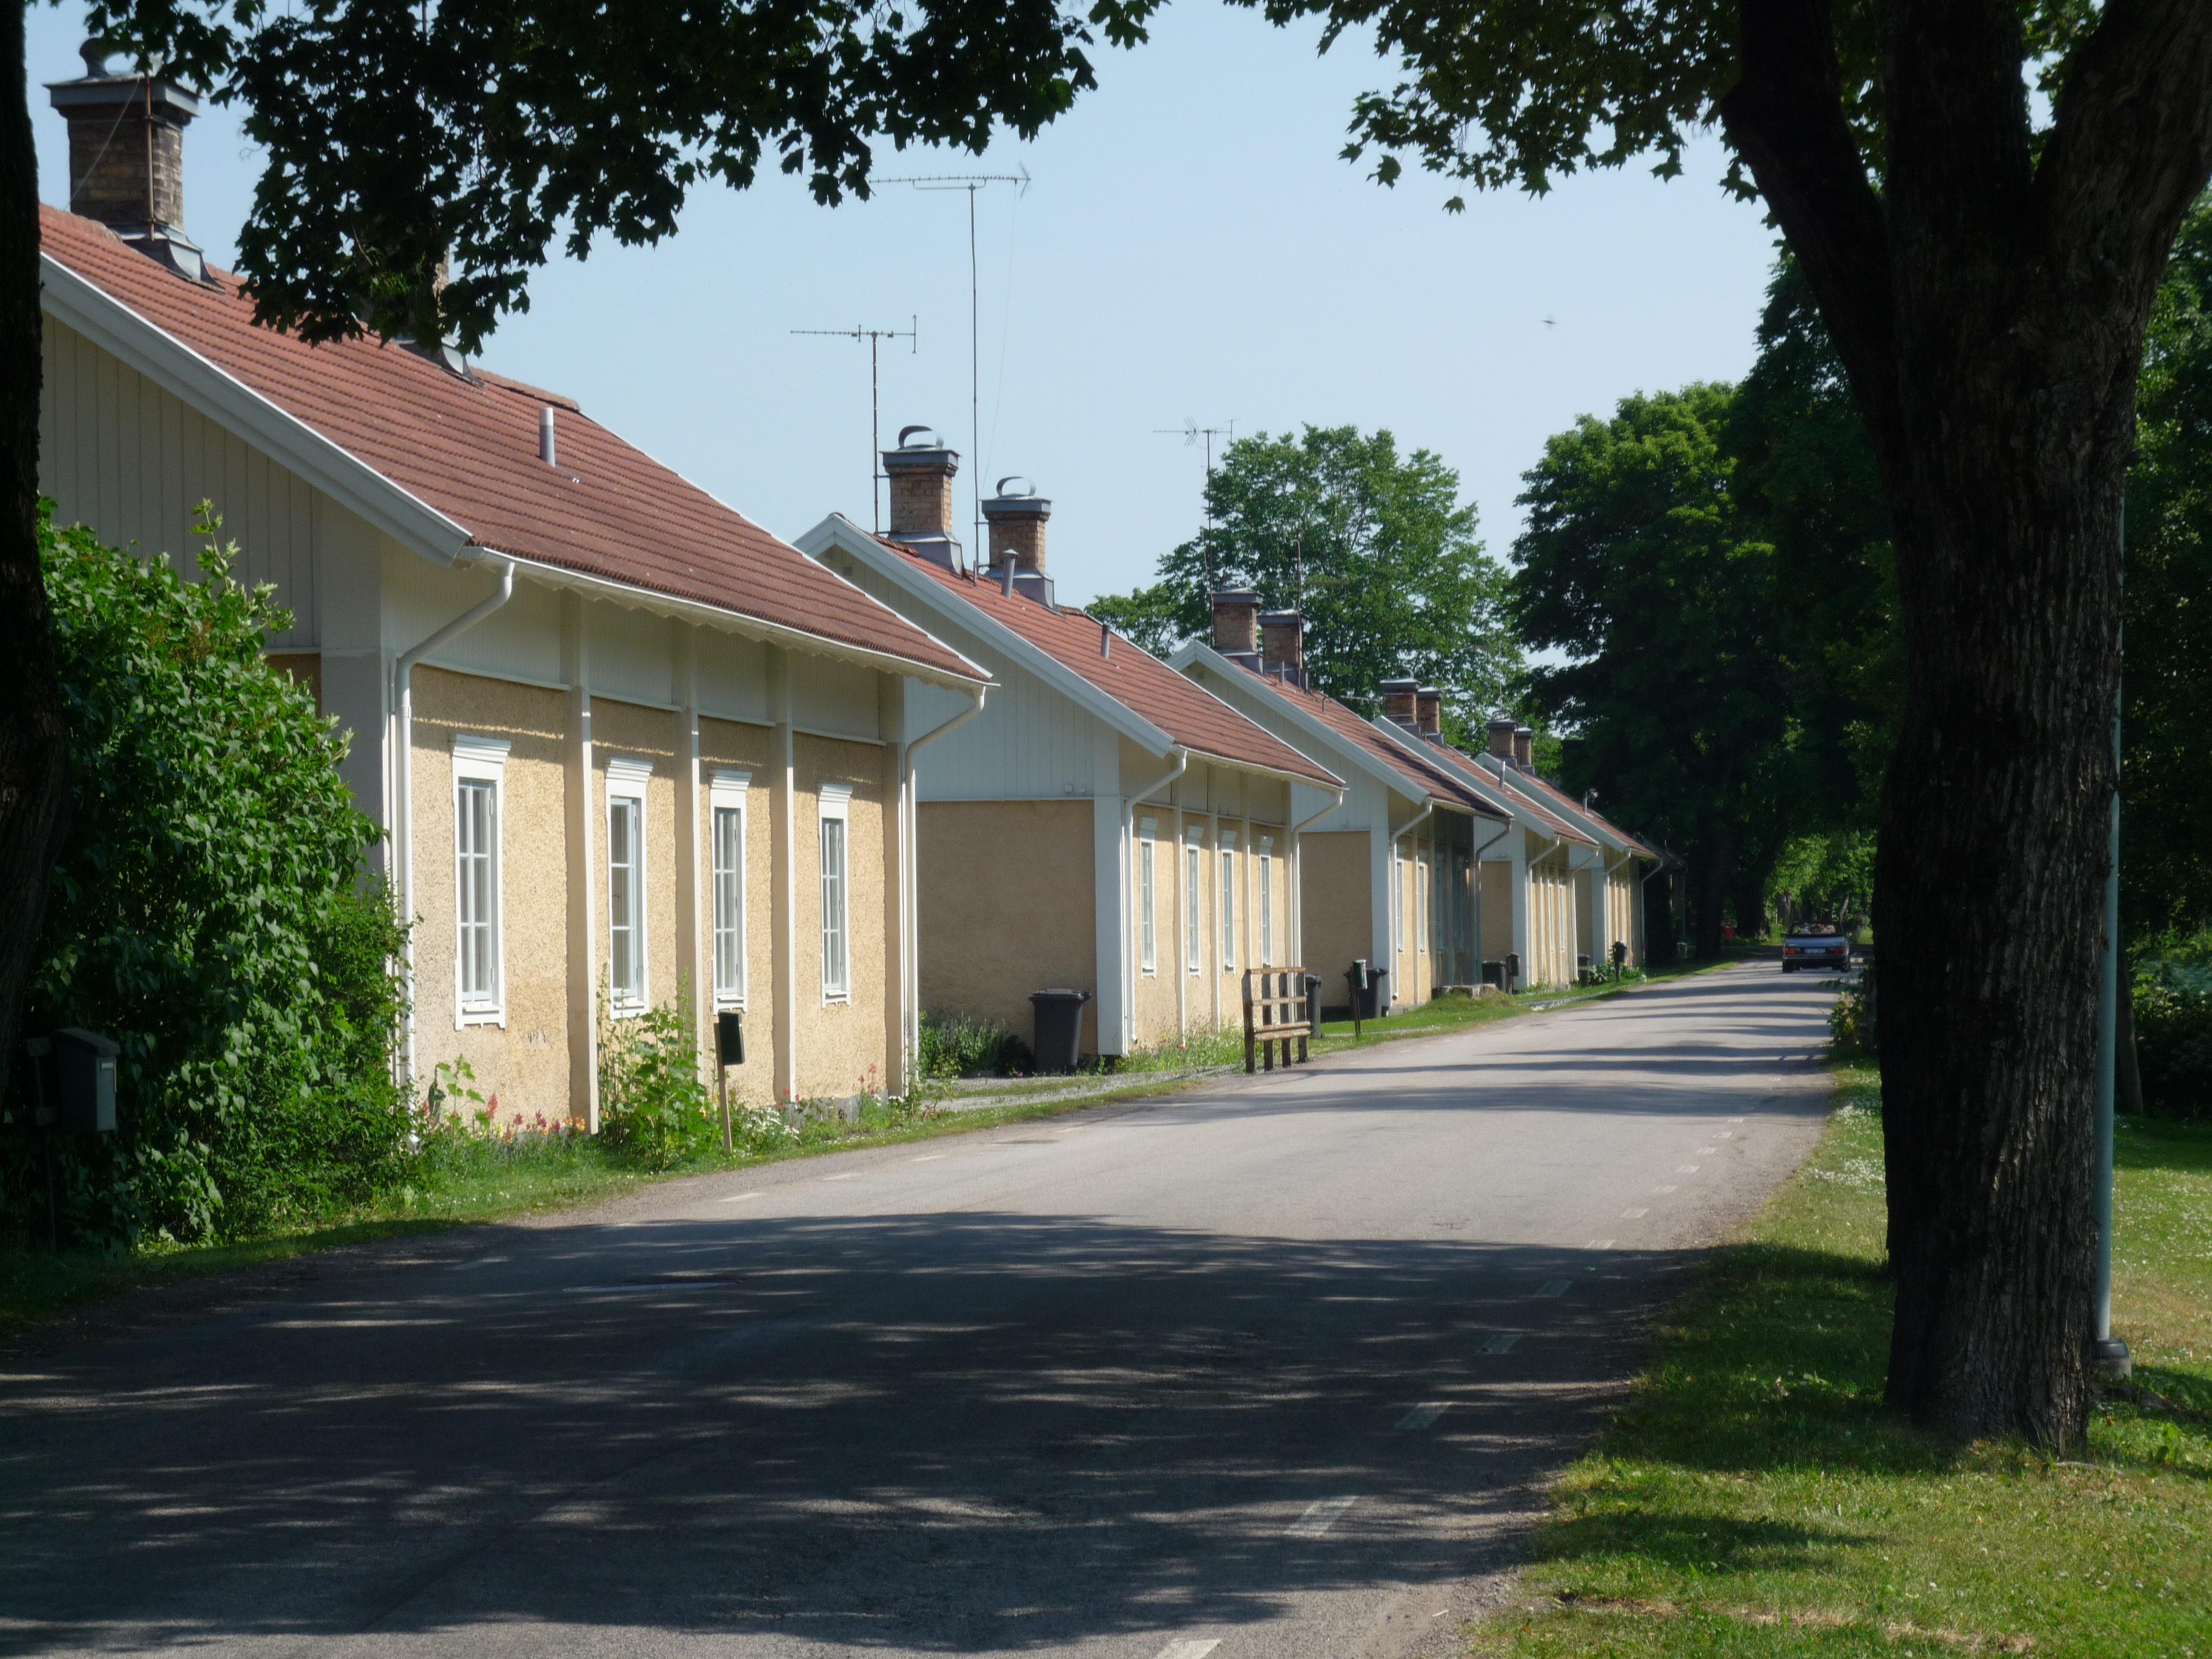 Raoul Wallenberg, Stockholm, Uppland, Sweden - PICRYL